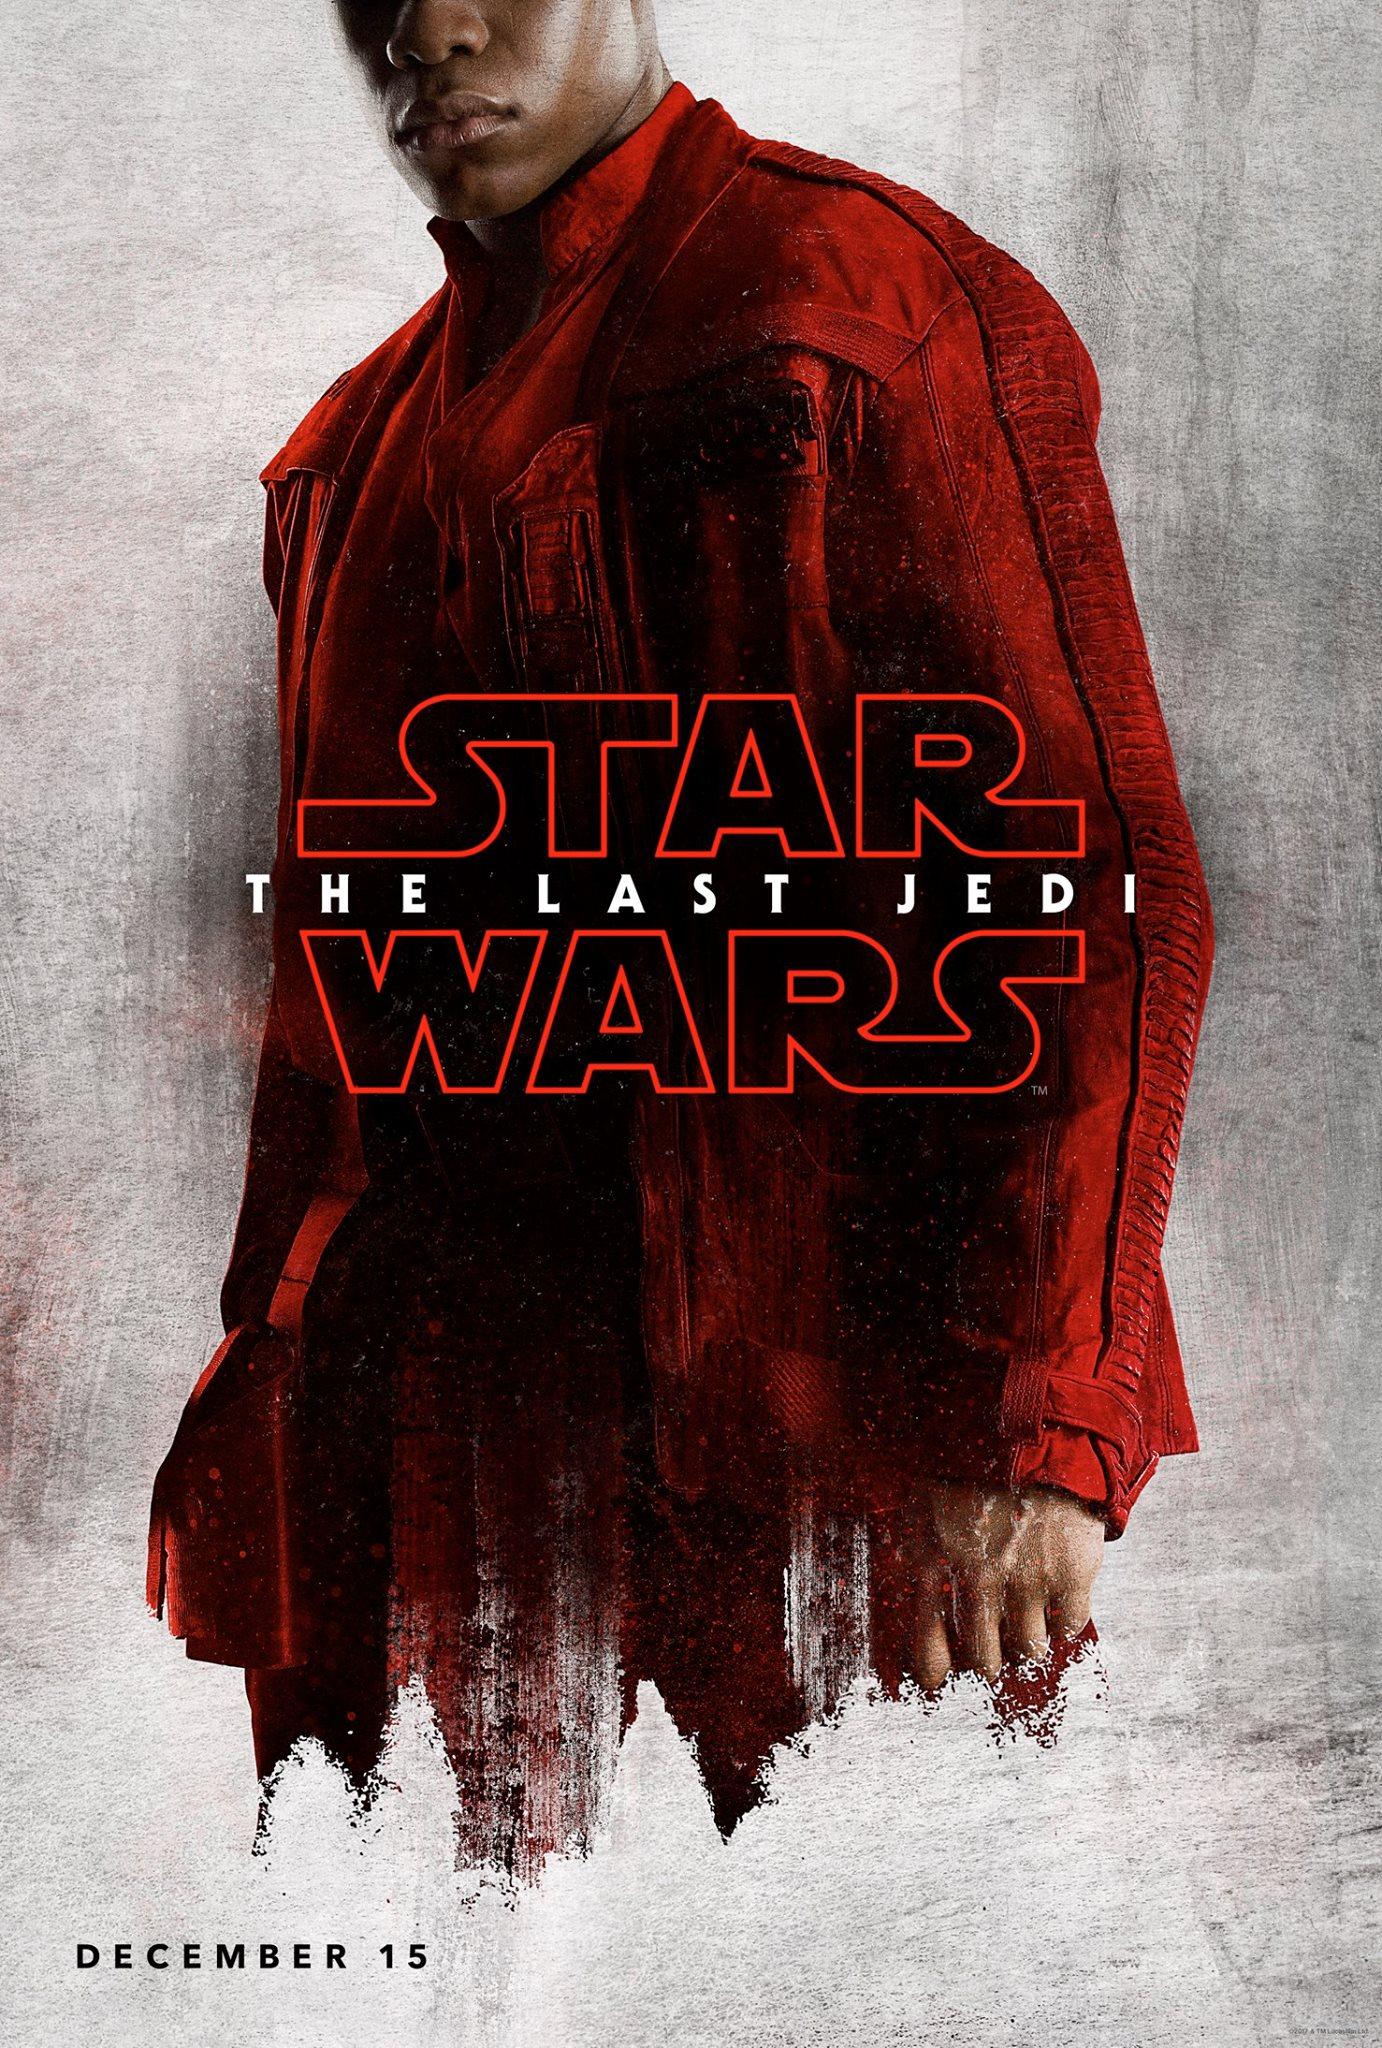 Last Jedi Character Posters 1382x2048 Wallpaper Teahub Io